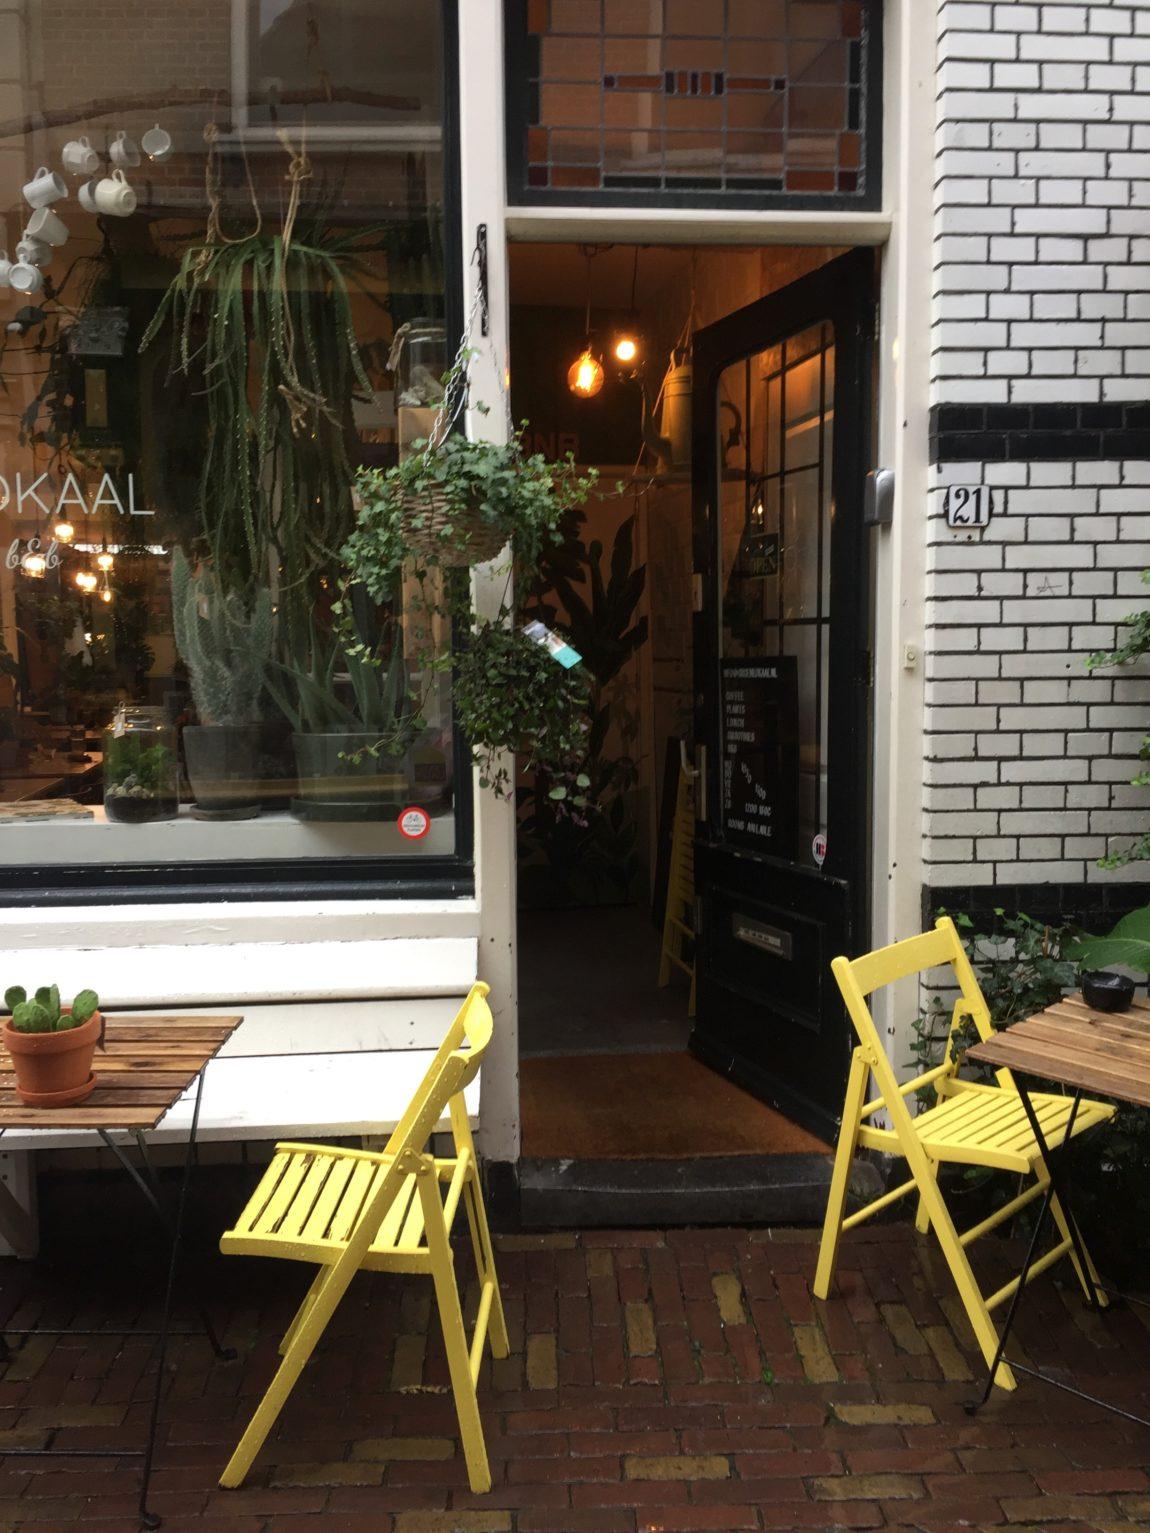 Holland Alkmaar Café groenlokaal Badepraline Naturseifen Duschriegel Pflanzen Floristin Duschcreme Naturseife